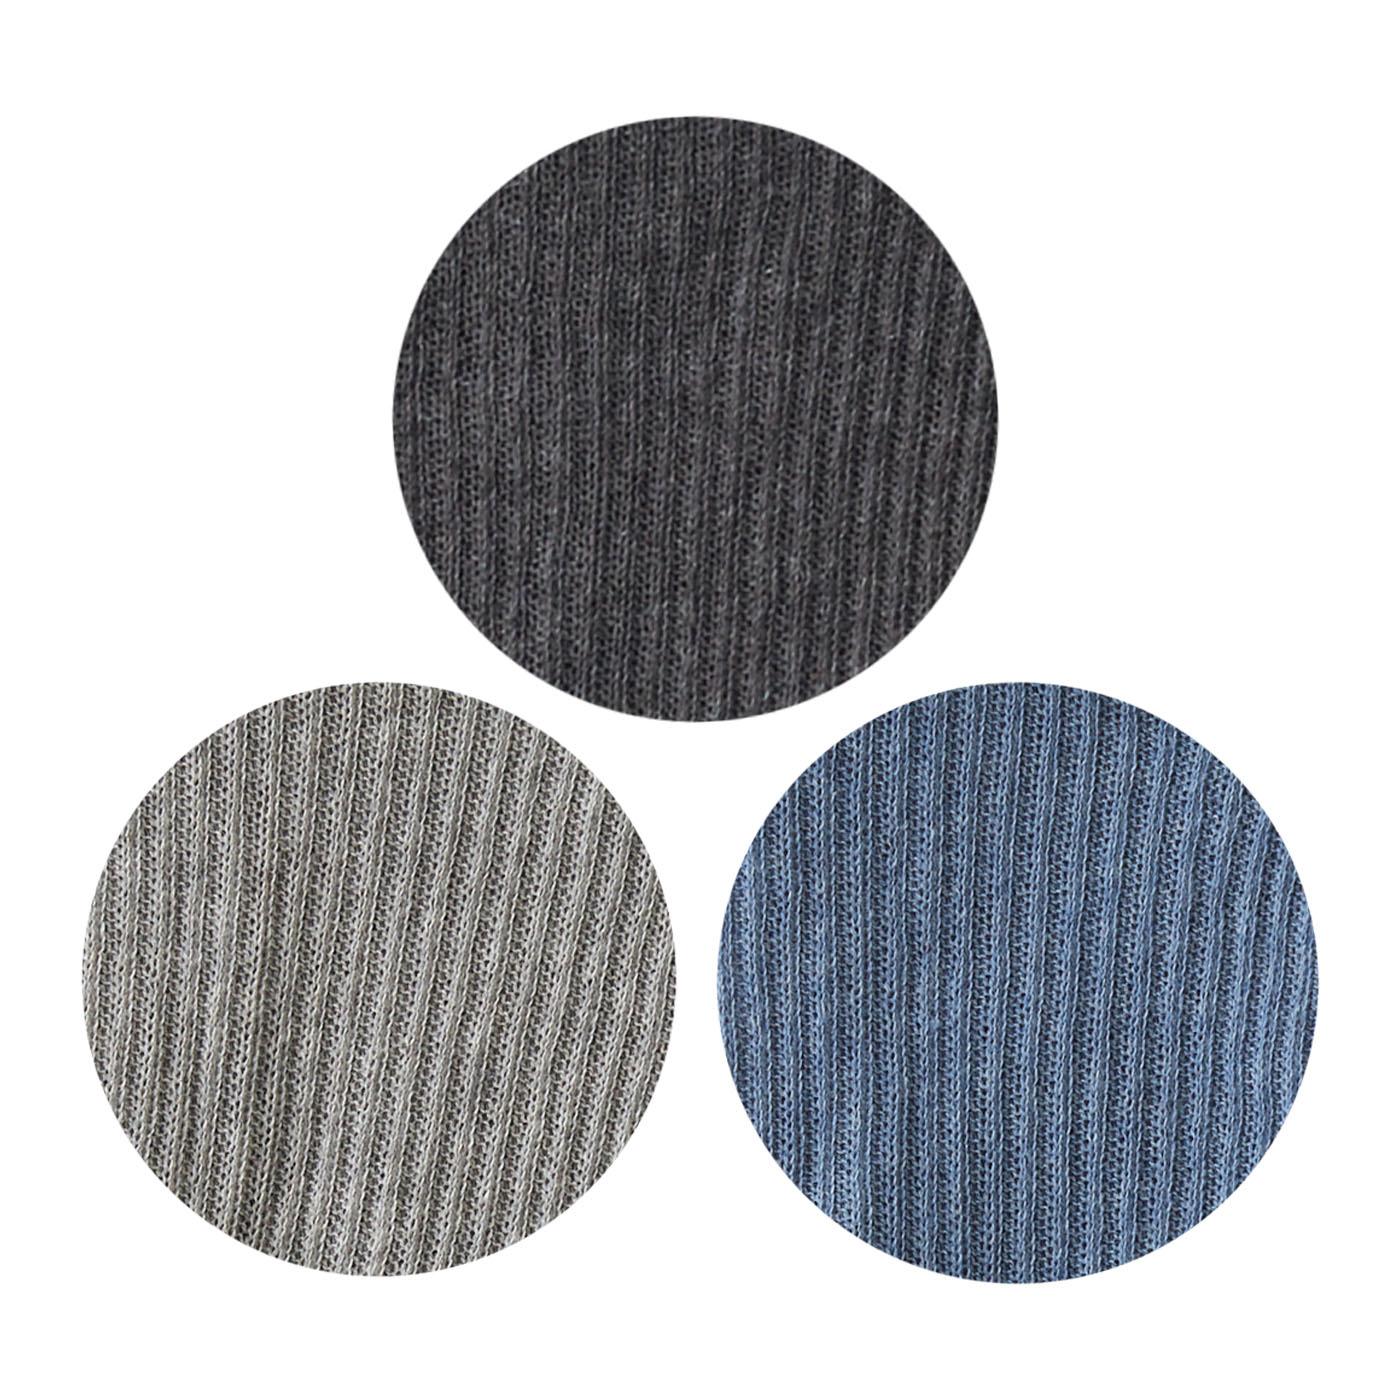 〈チャコール〉〈ライトグレー〉〈ネイビー〉のナチュラルでコーデに合わせやすい3色展開。